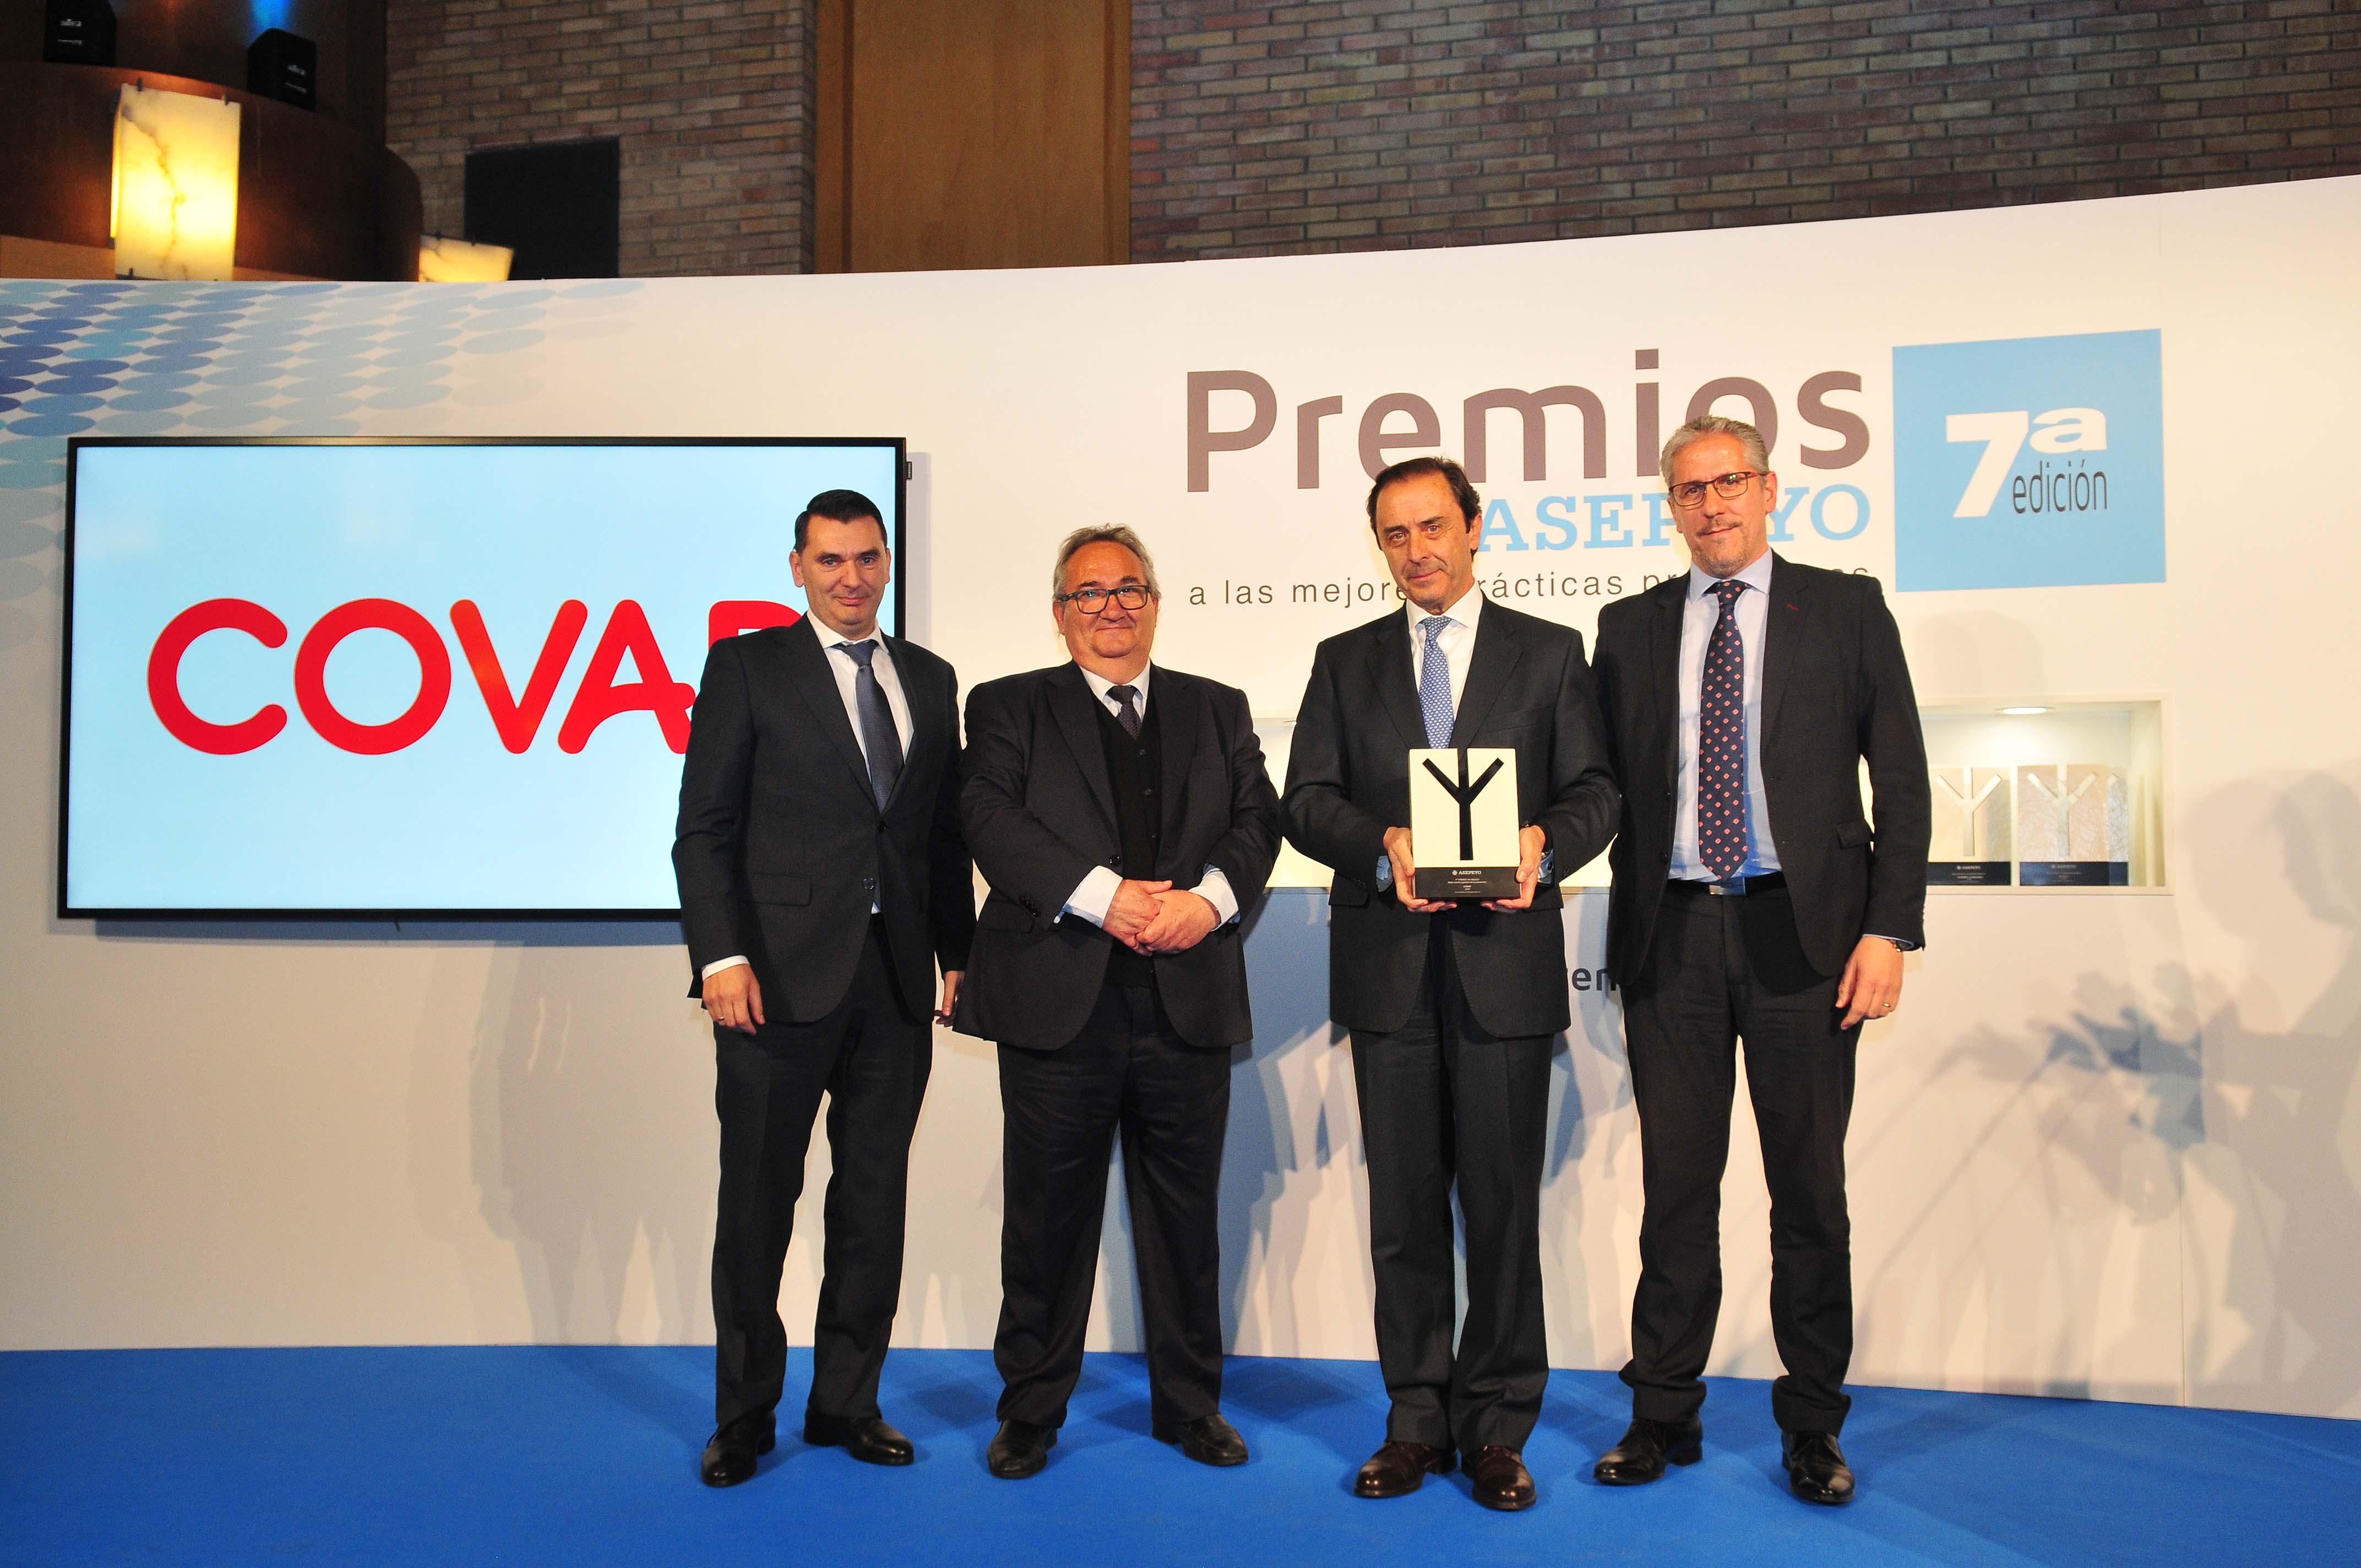 COVAP, galardonada en los  VII Premios Asepeyo a las mejores prácticas preventivas | COVAP